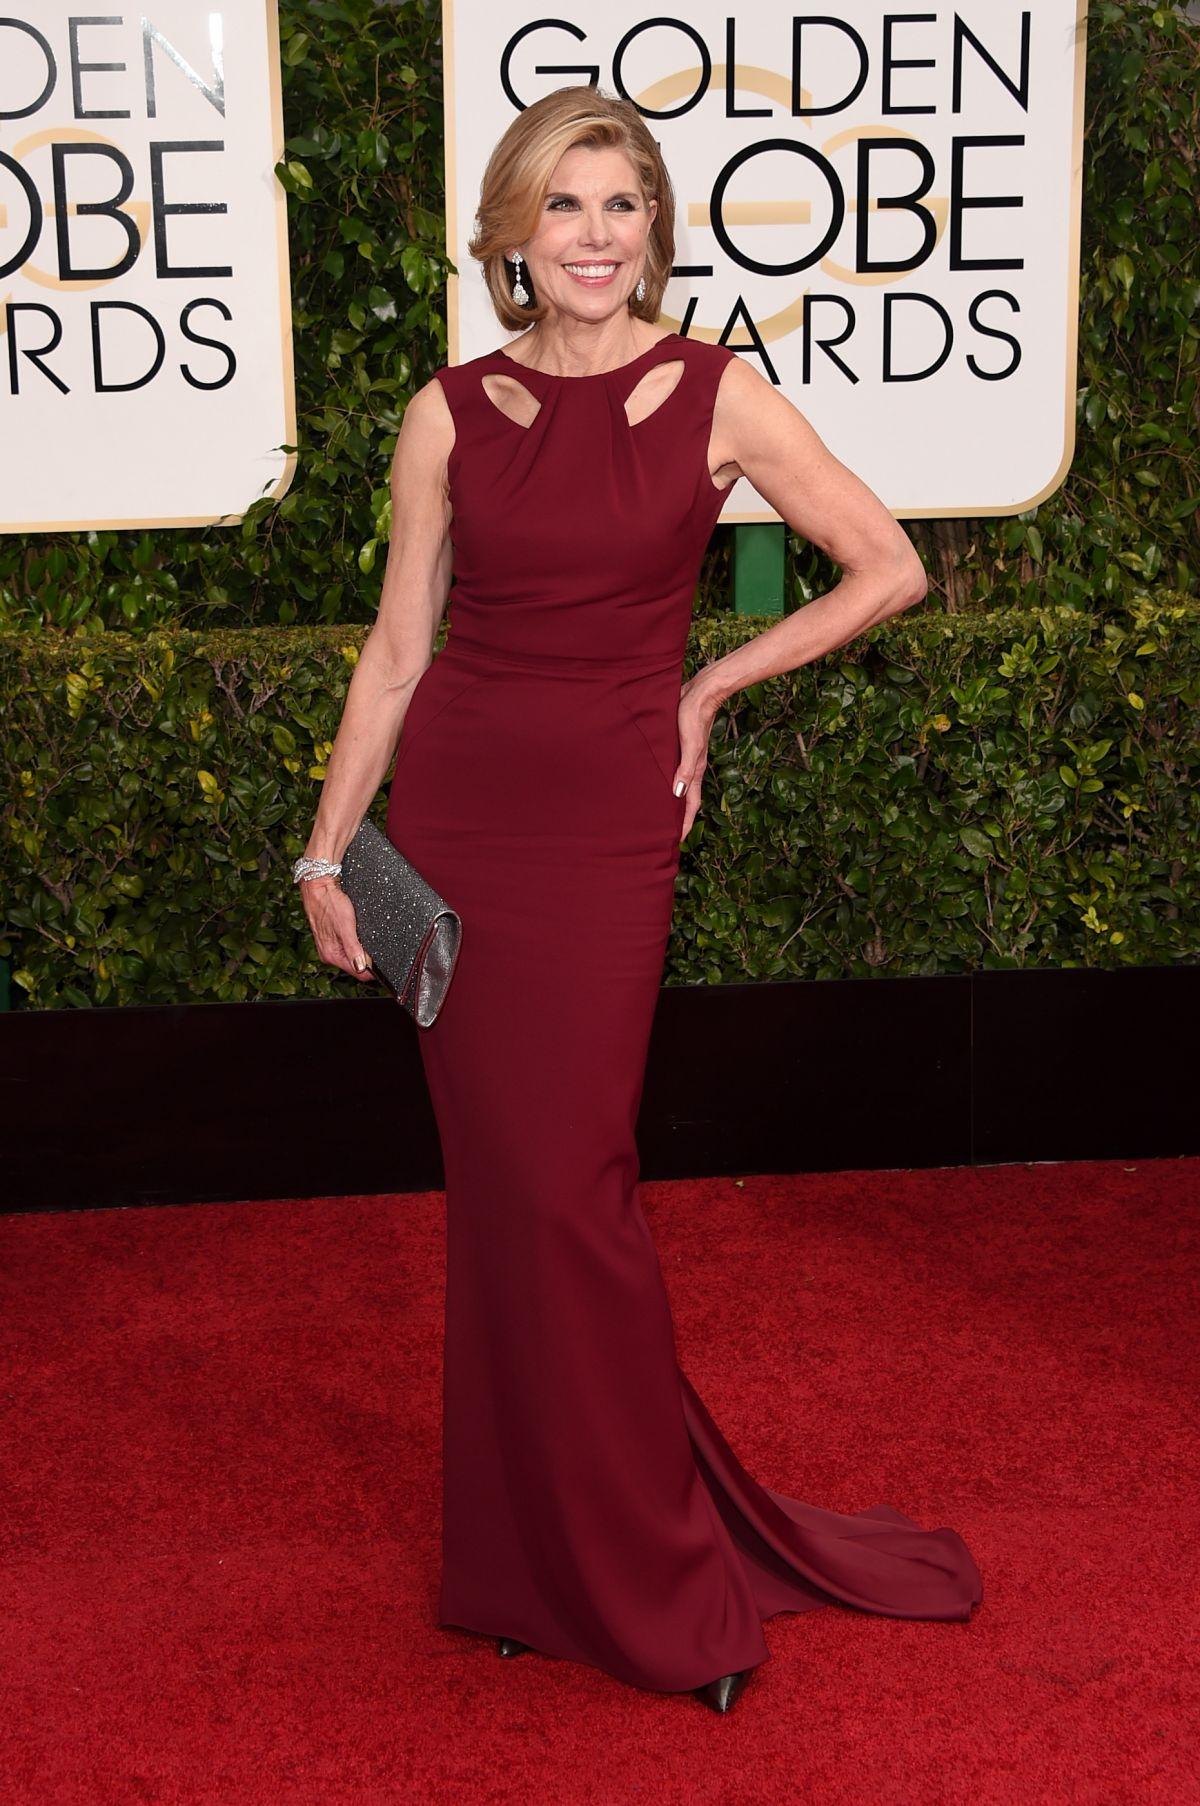 CHRISINE BARANSKI at 2015 Golden Globe Awards in Beverly Hills